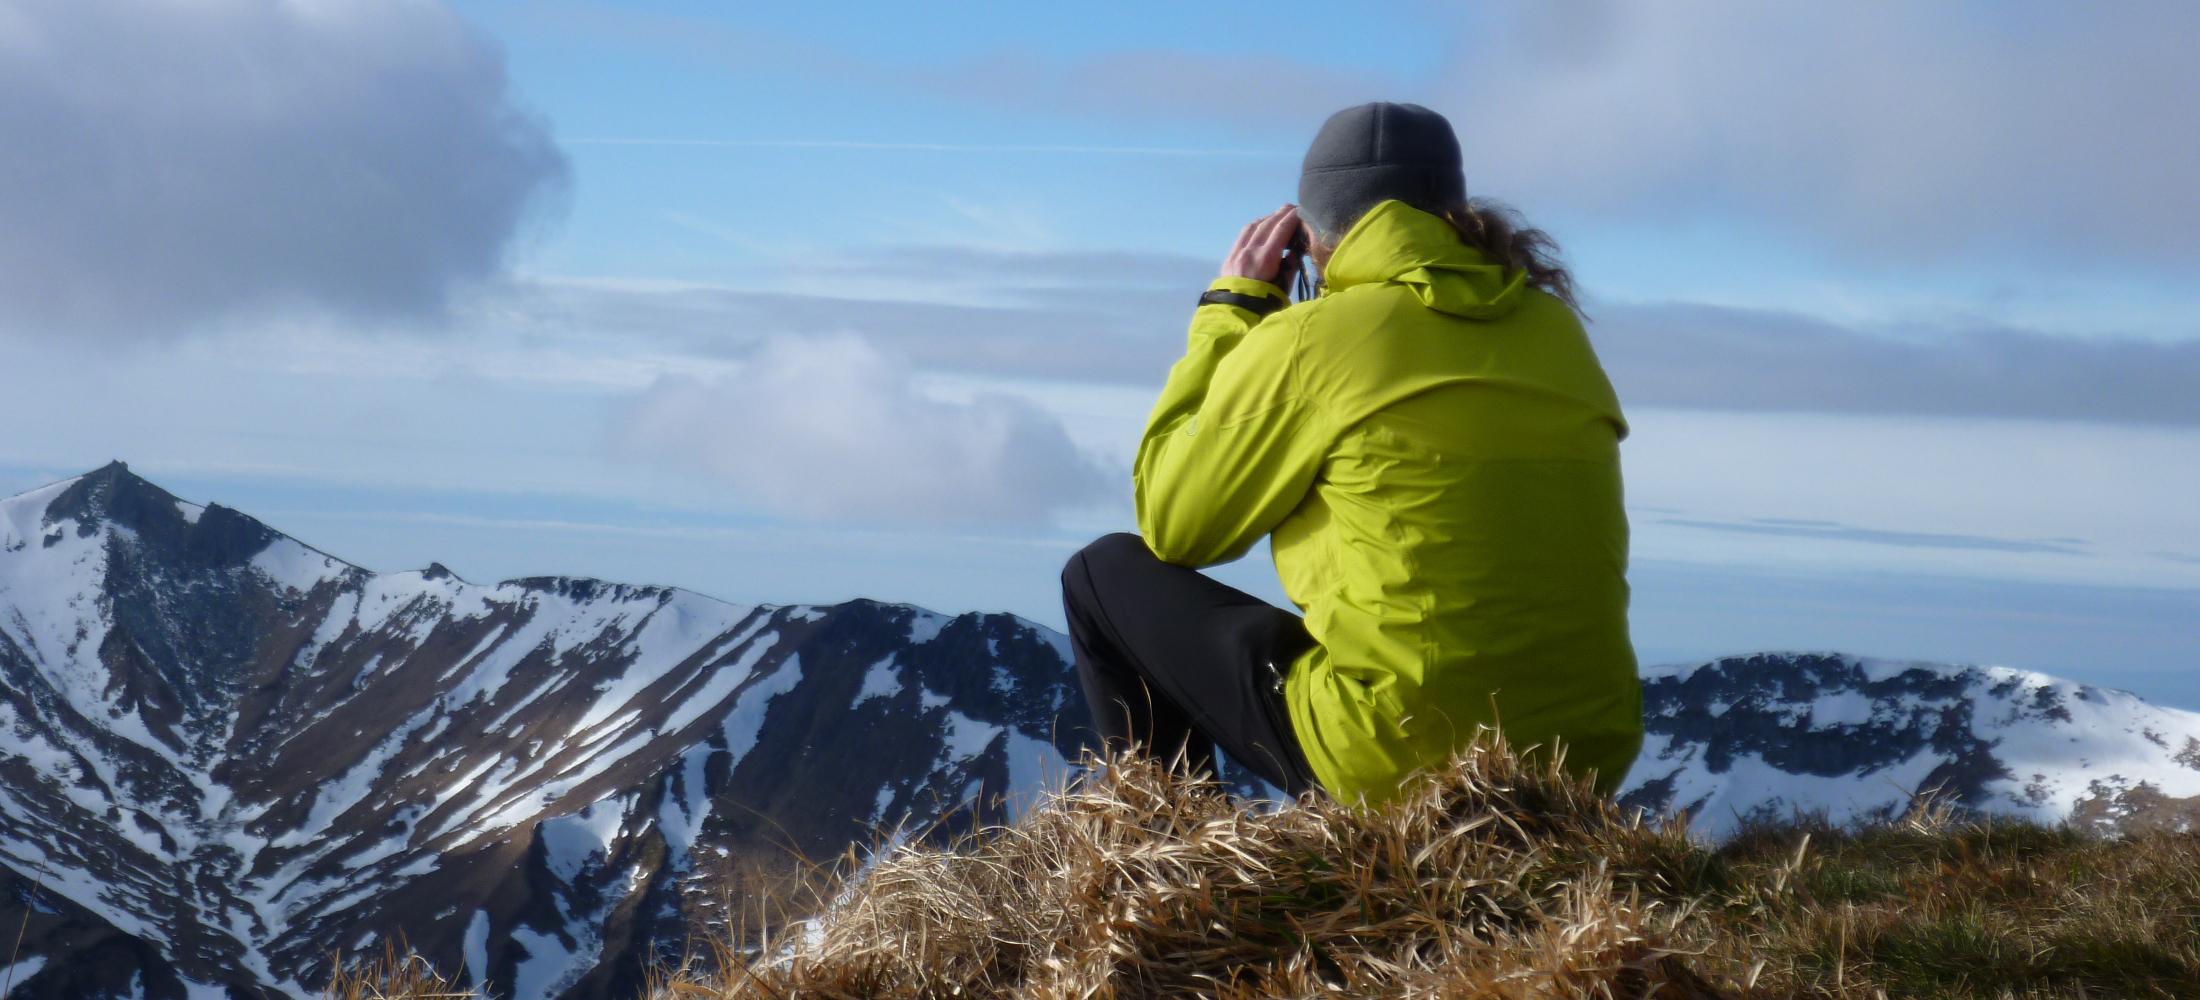 Randonnée en Chaîne des Puys et dans le Massif du Sancy